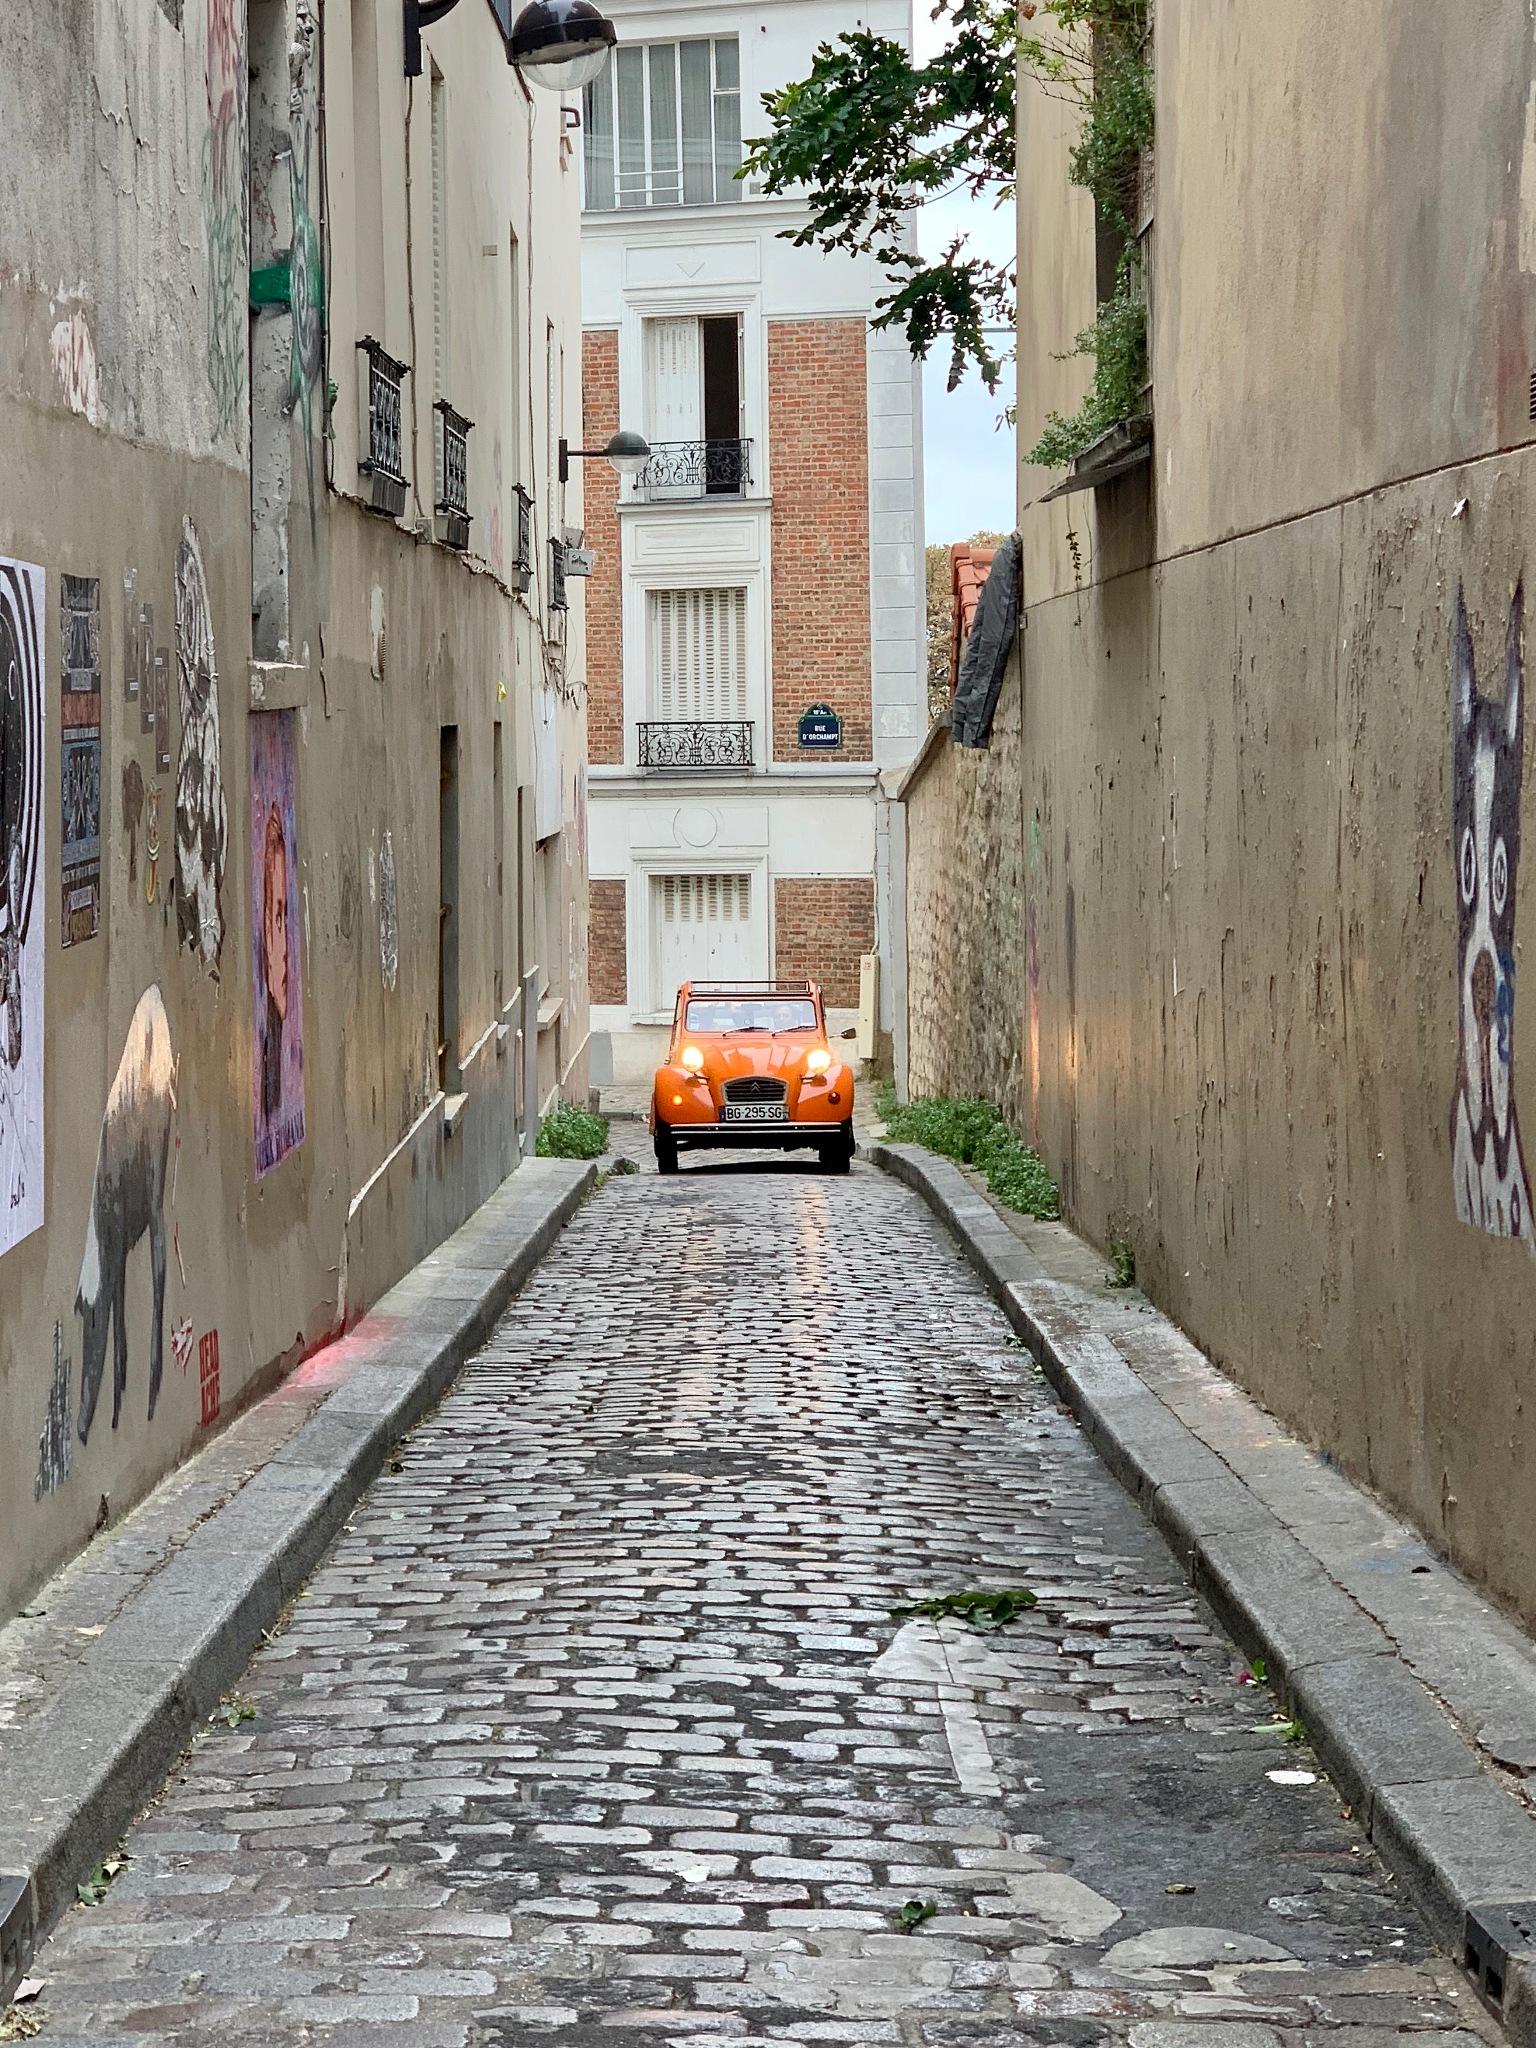 An Alley in Paris by Reid Sanchez